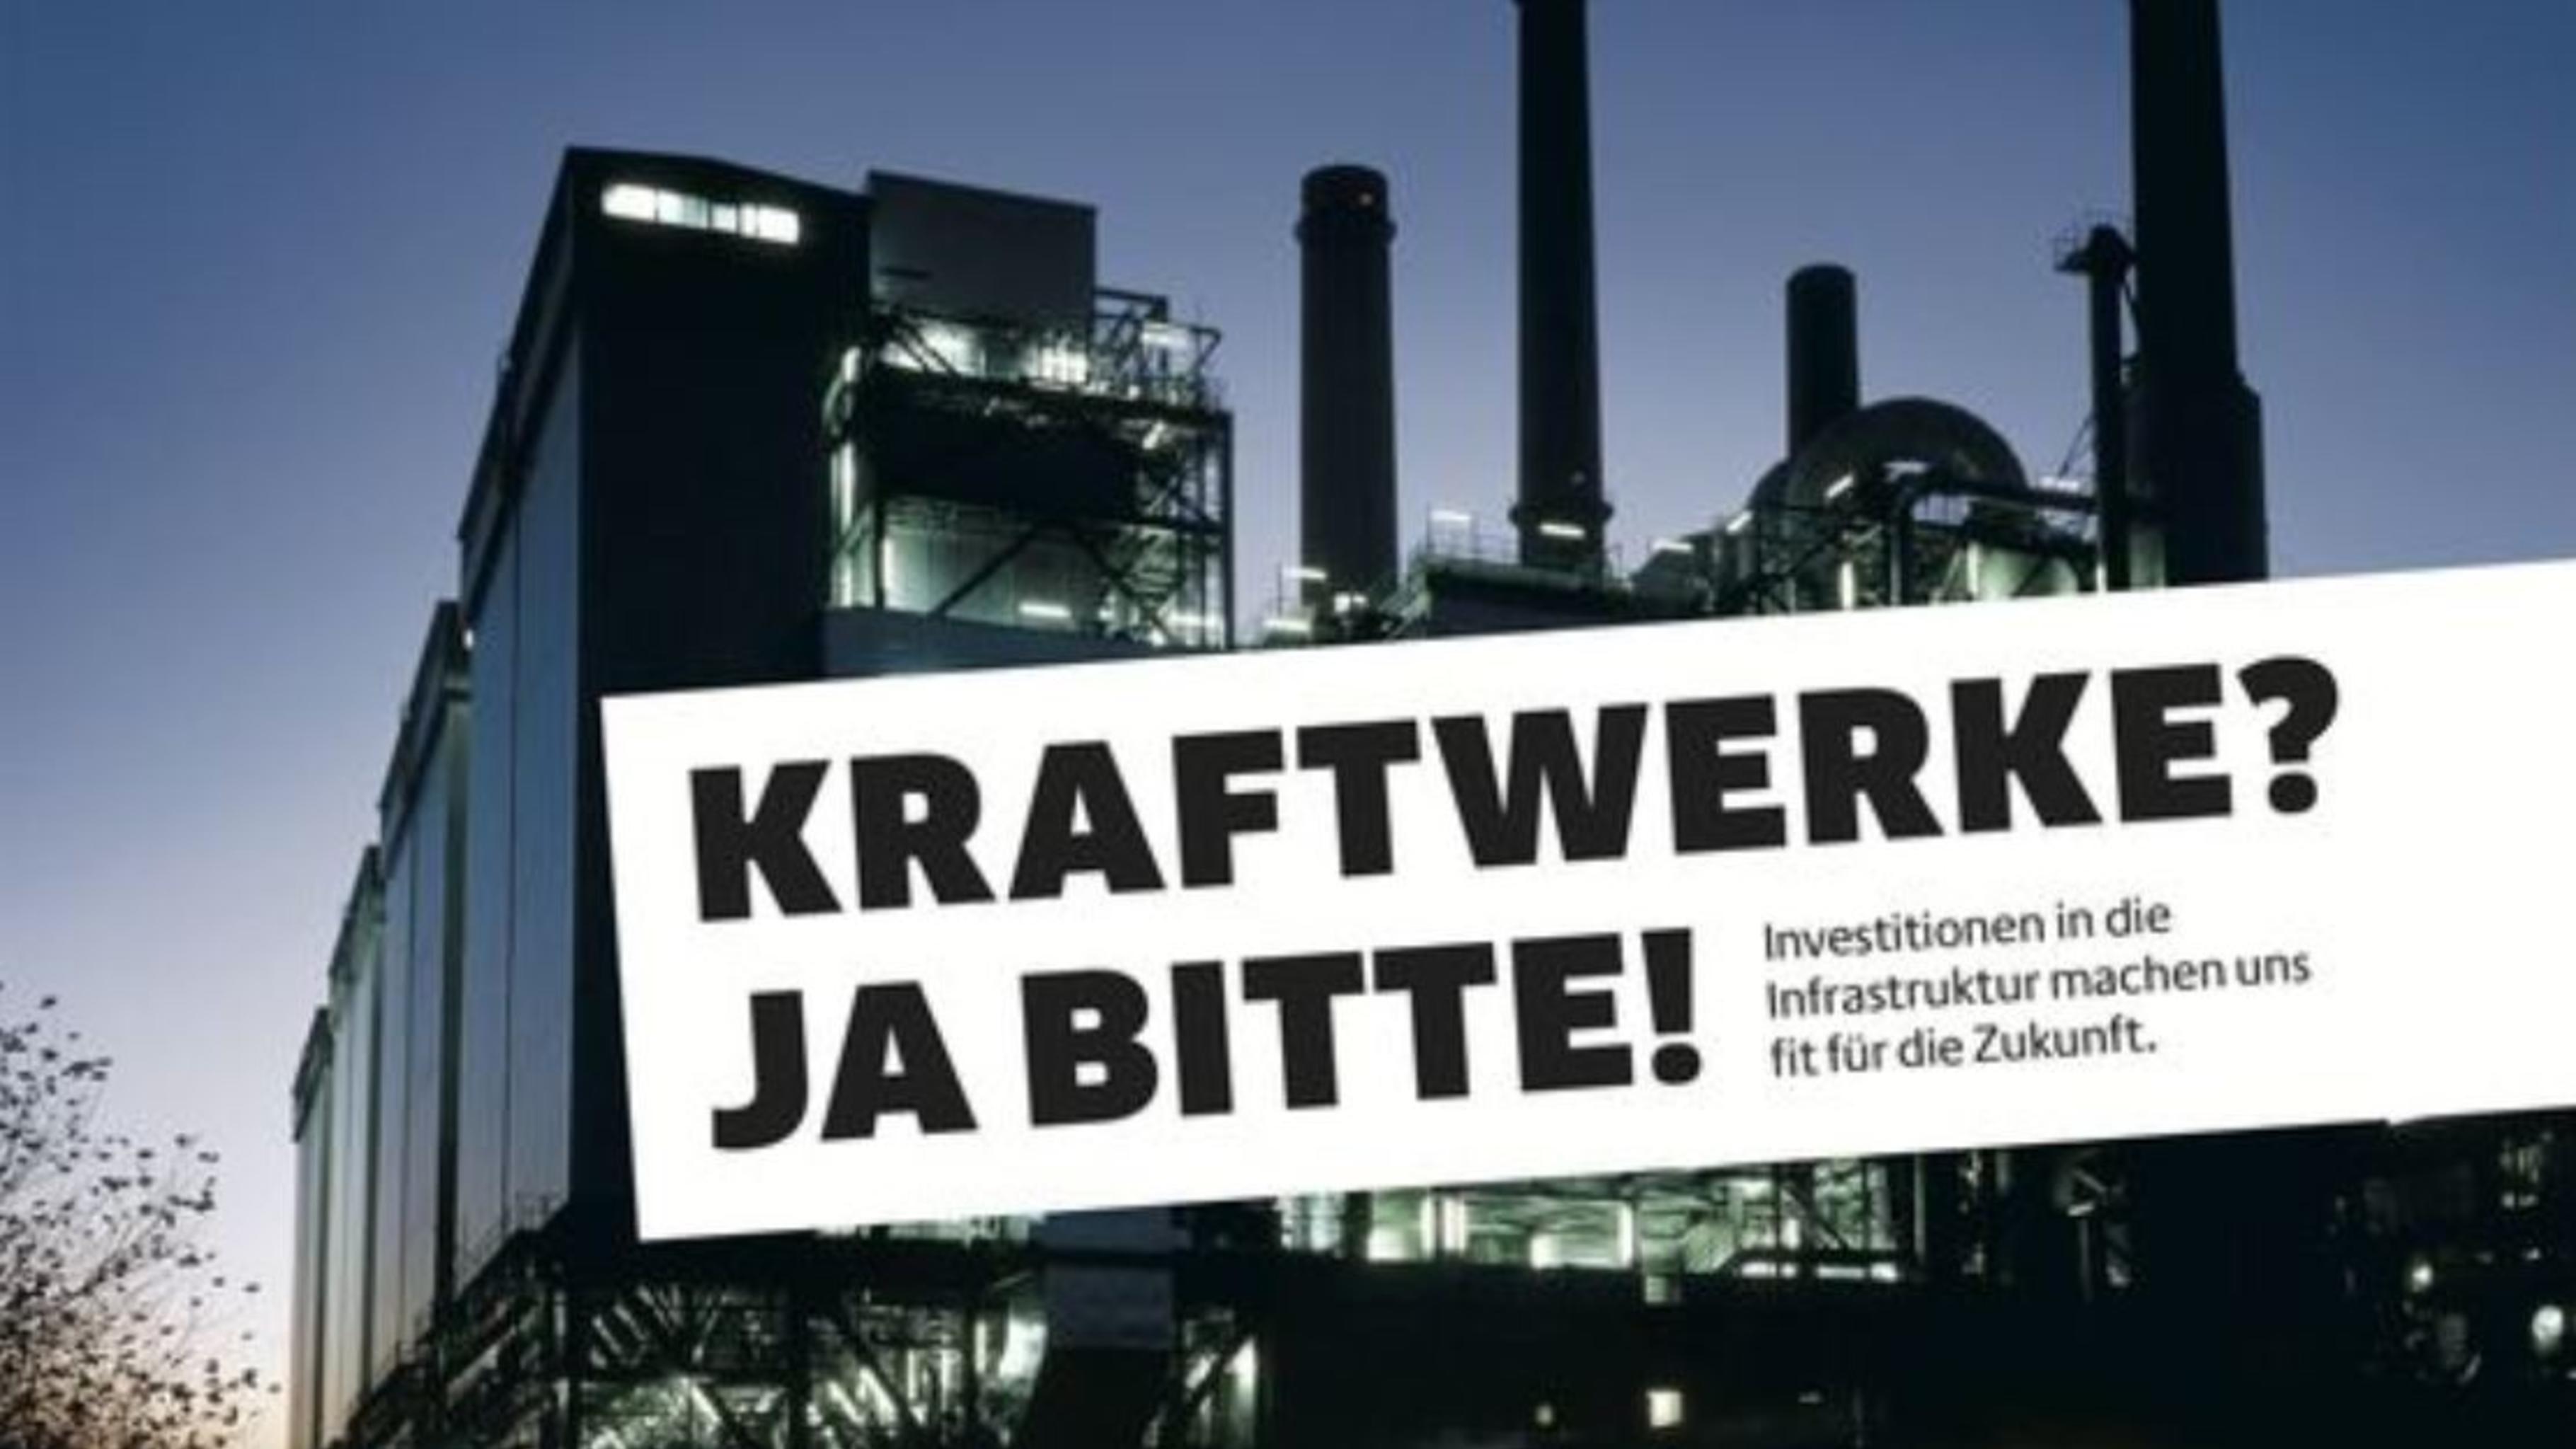 KfW finanziert Kohlekraftwerke: Wann steigt die Bank bei den Klimakillern aus?